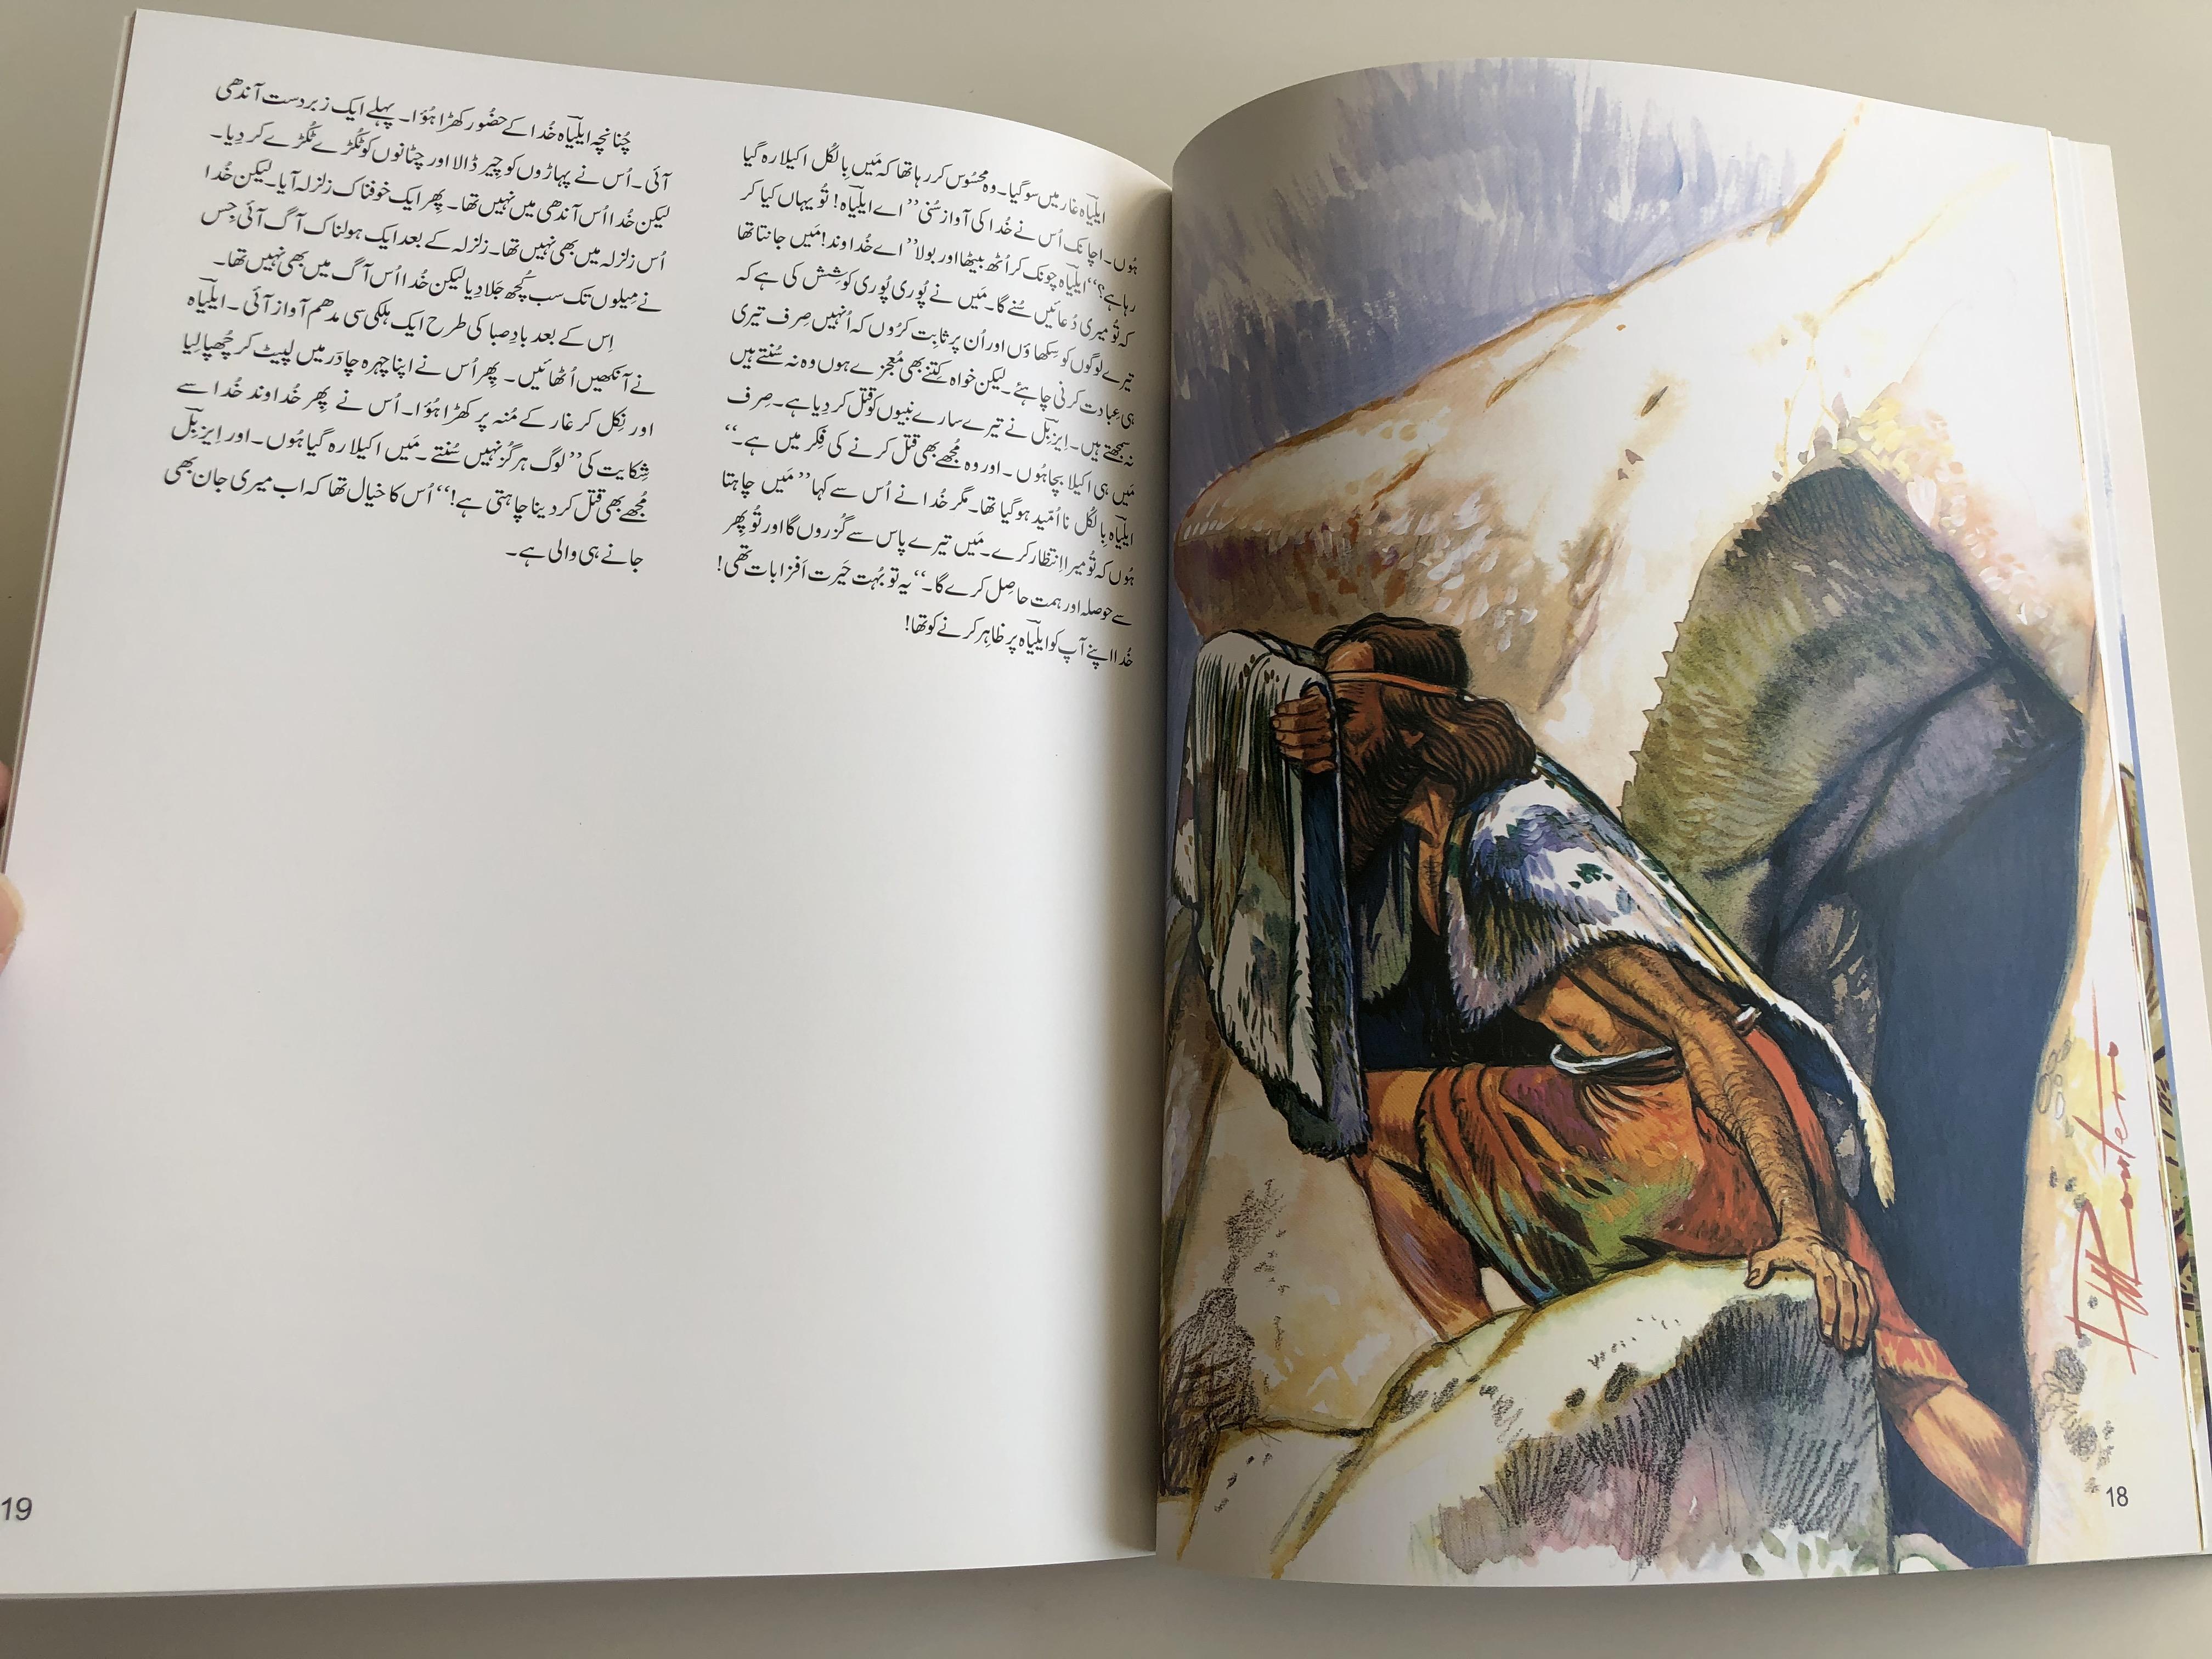 elijah-prophet-of-fire-urdu-language-children-s-illustrated-bible-story-book-6.jpg